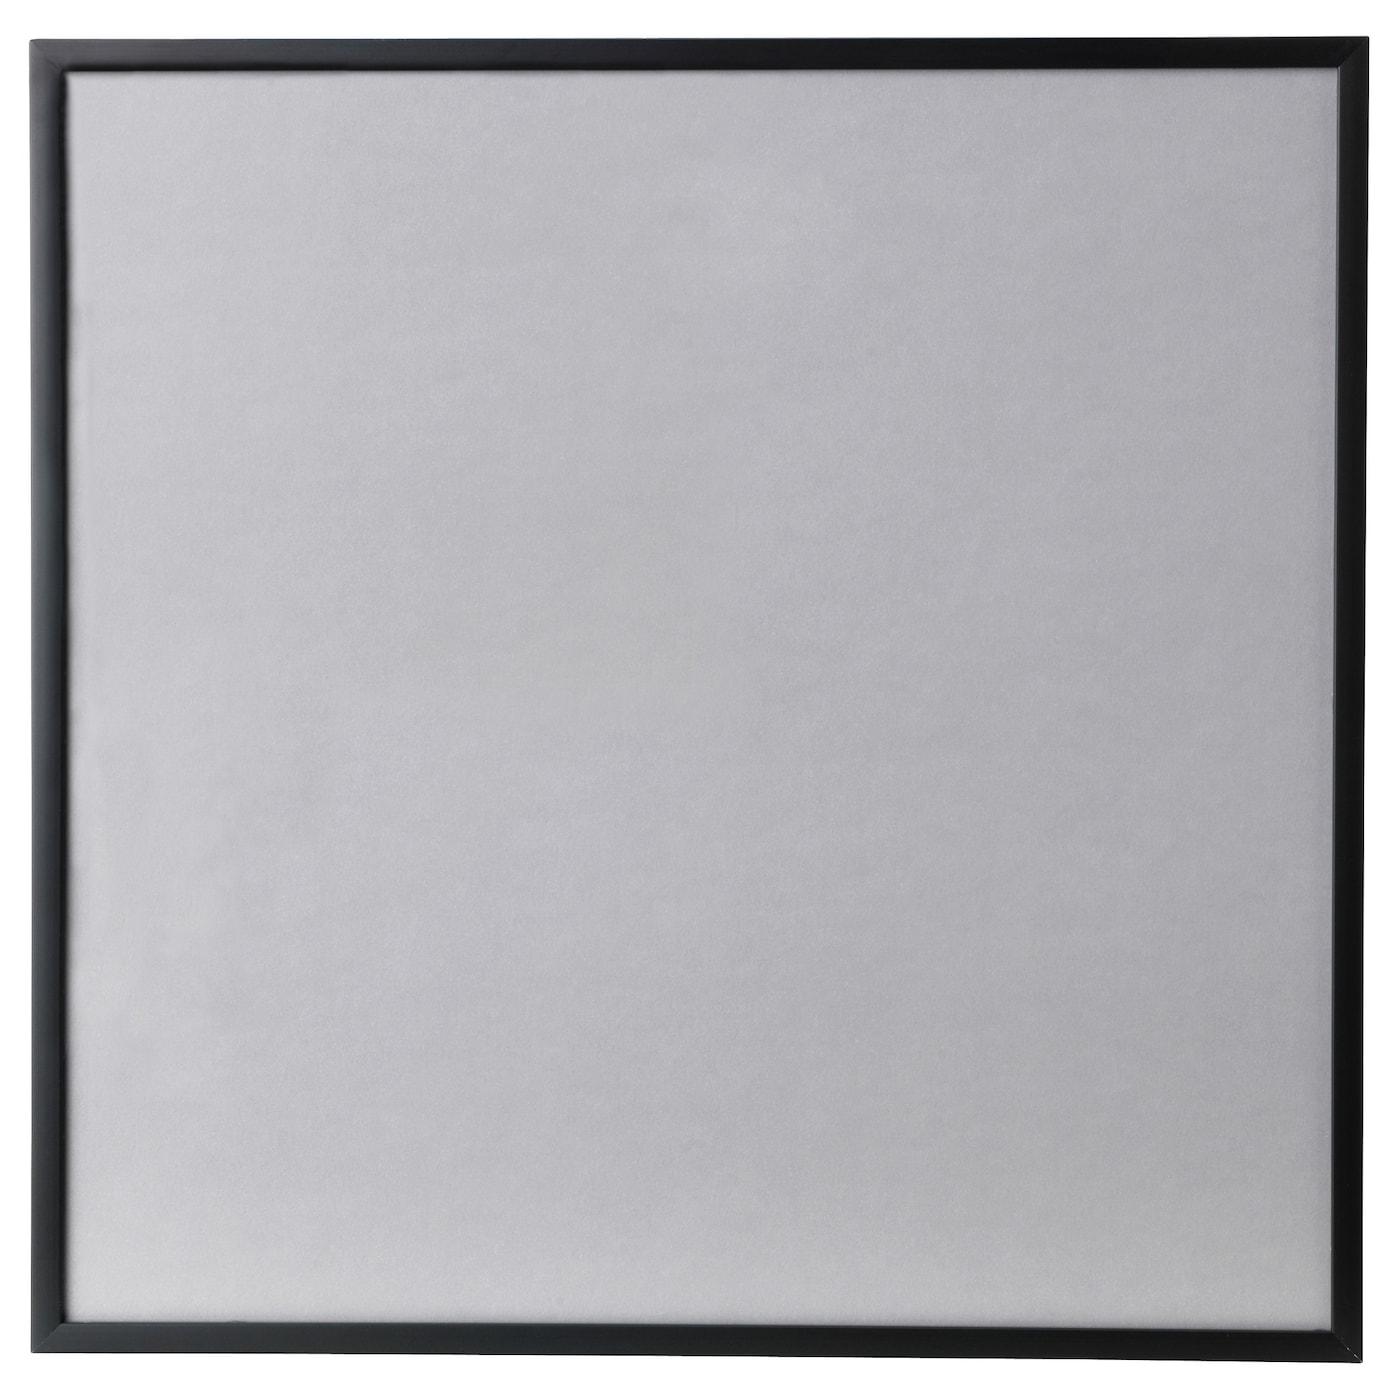 GLADSAX, Rahmen, schwarz | Ikea - Tipps vom Einrichter